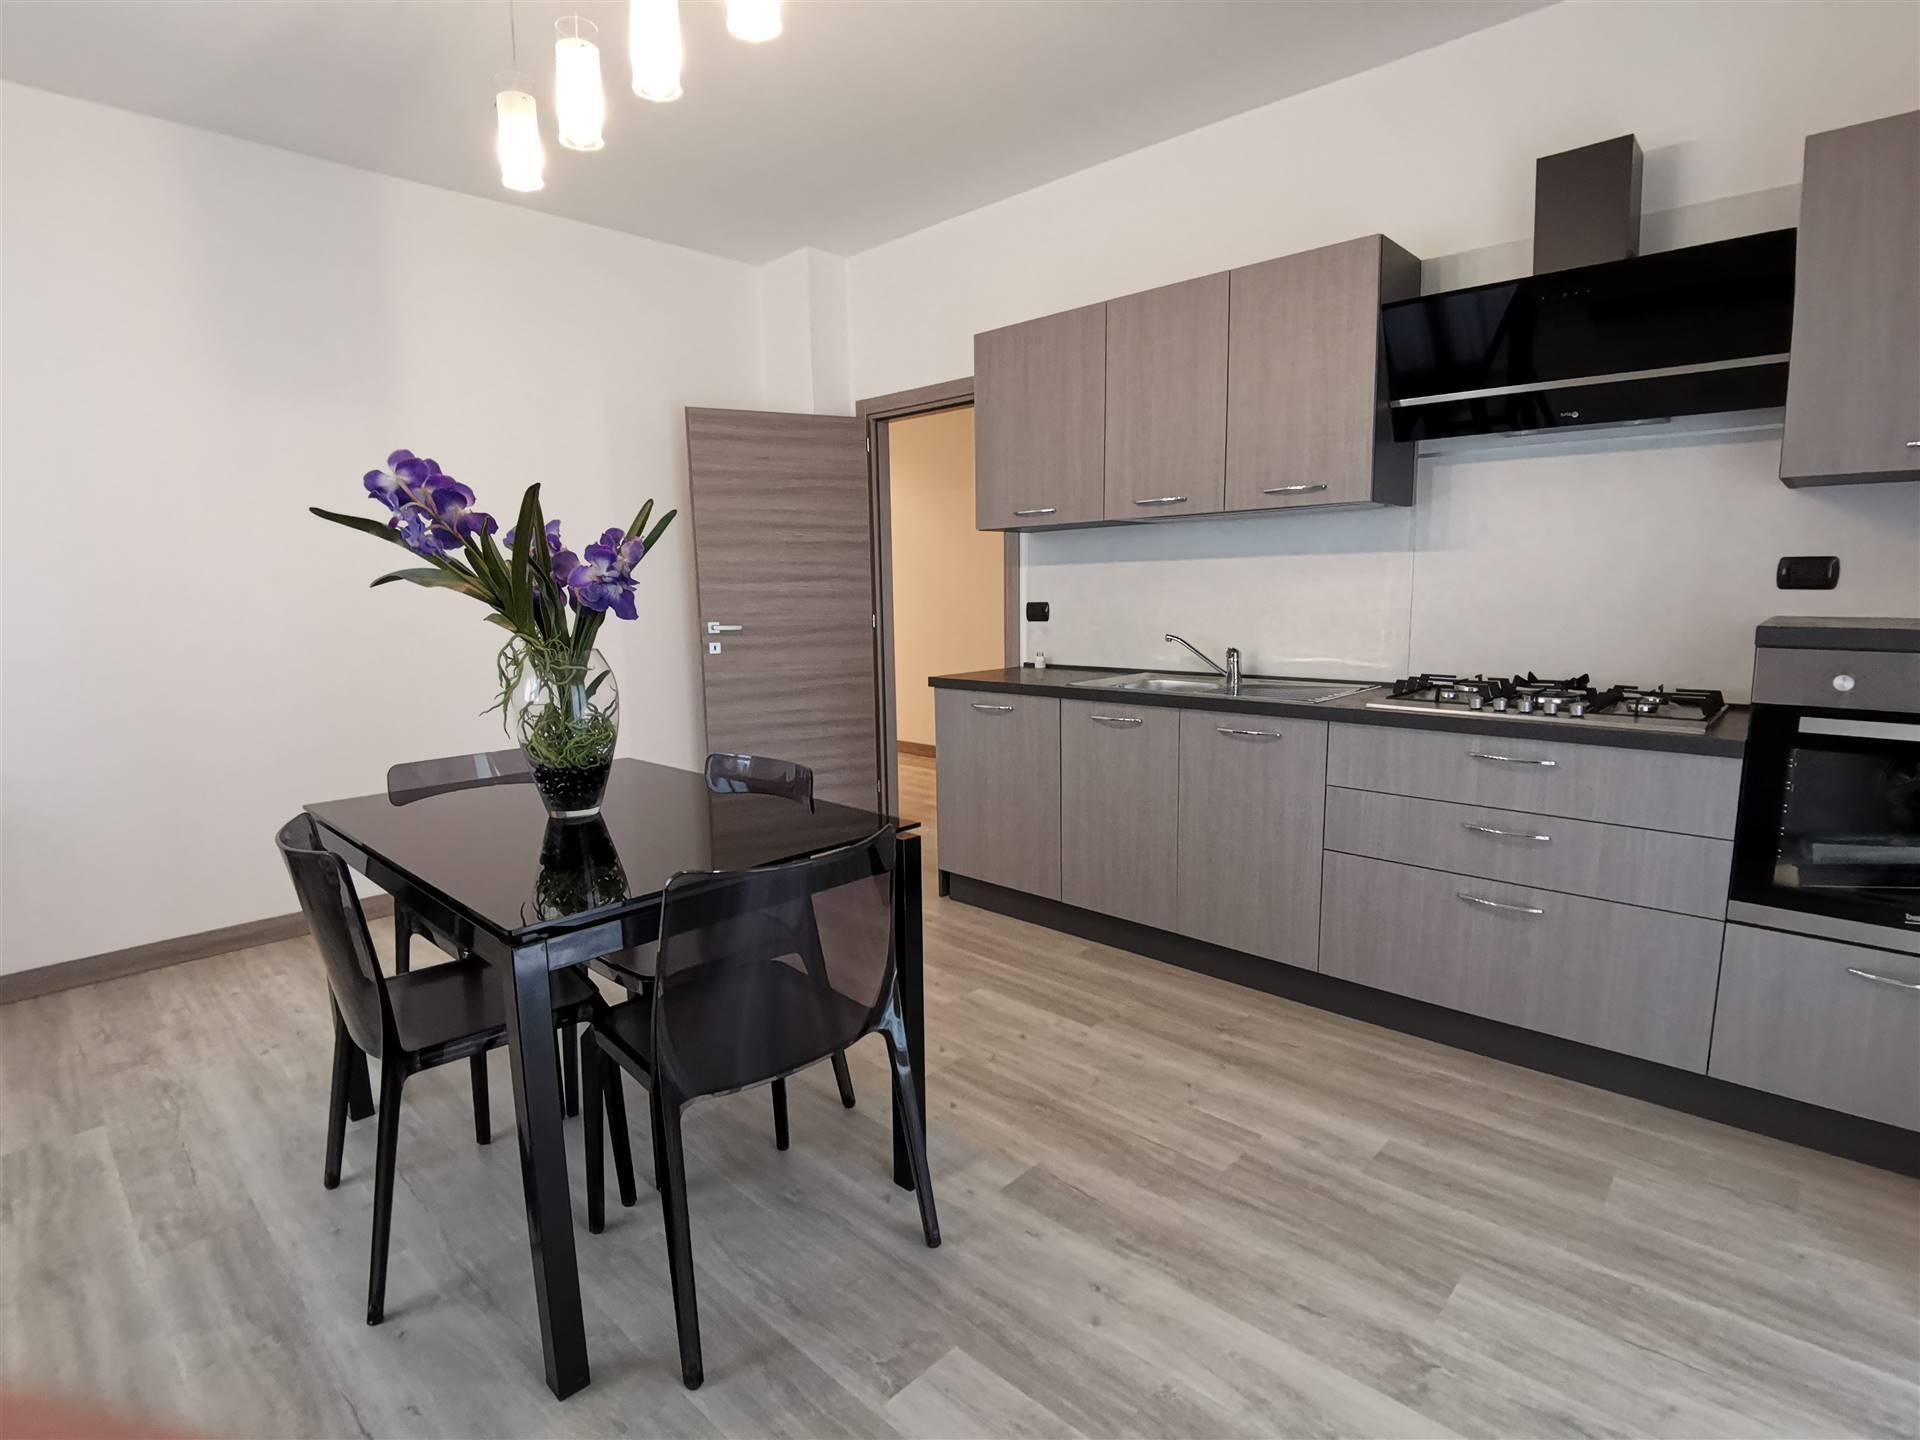 Appartamento in affitto a Sondrio, 5 locali, zona Zona: Centro zona Garibaldi, prezzo € 600   CambioCasa.it